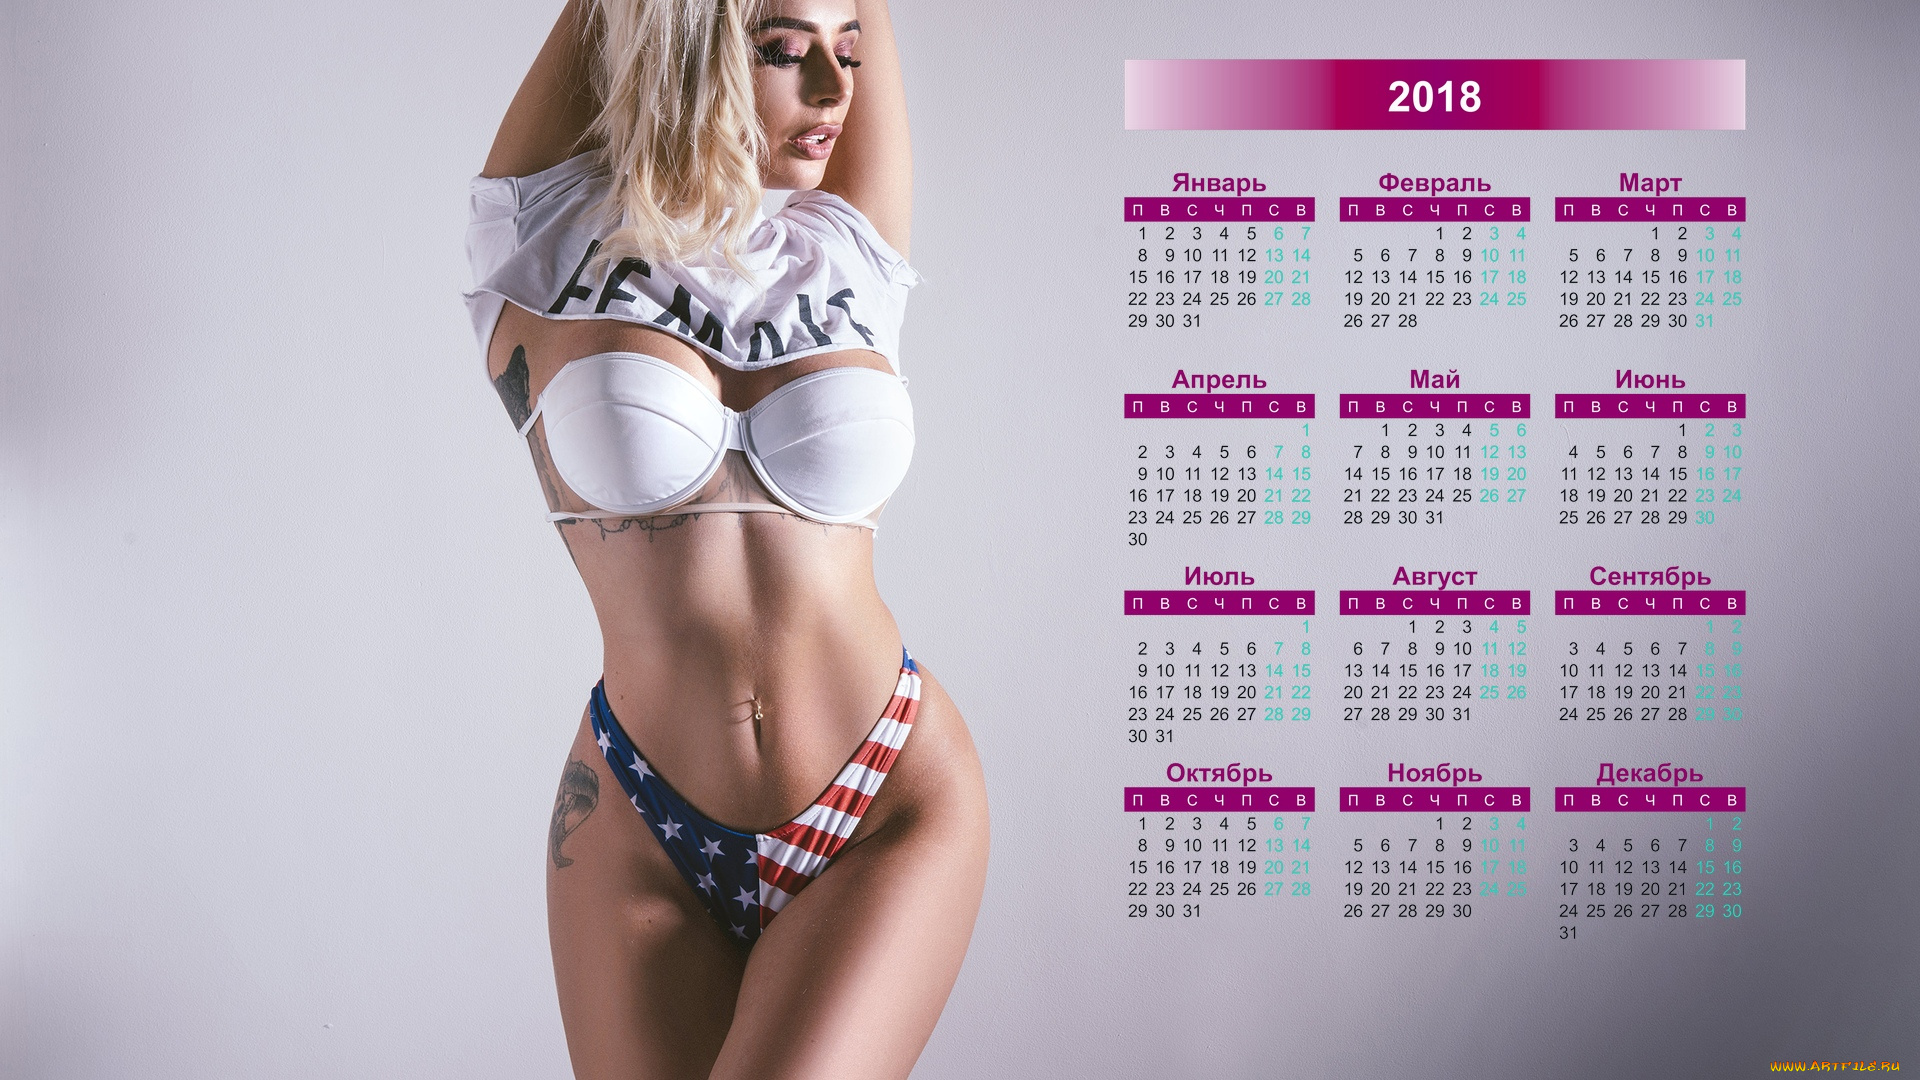 секс 2018 молодая девушка